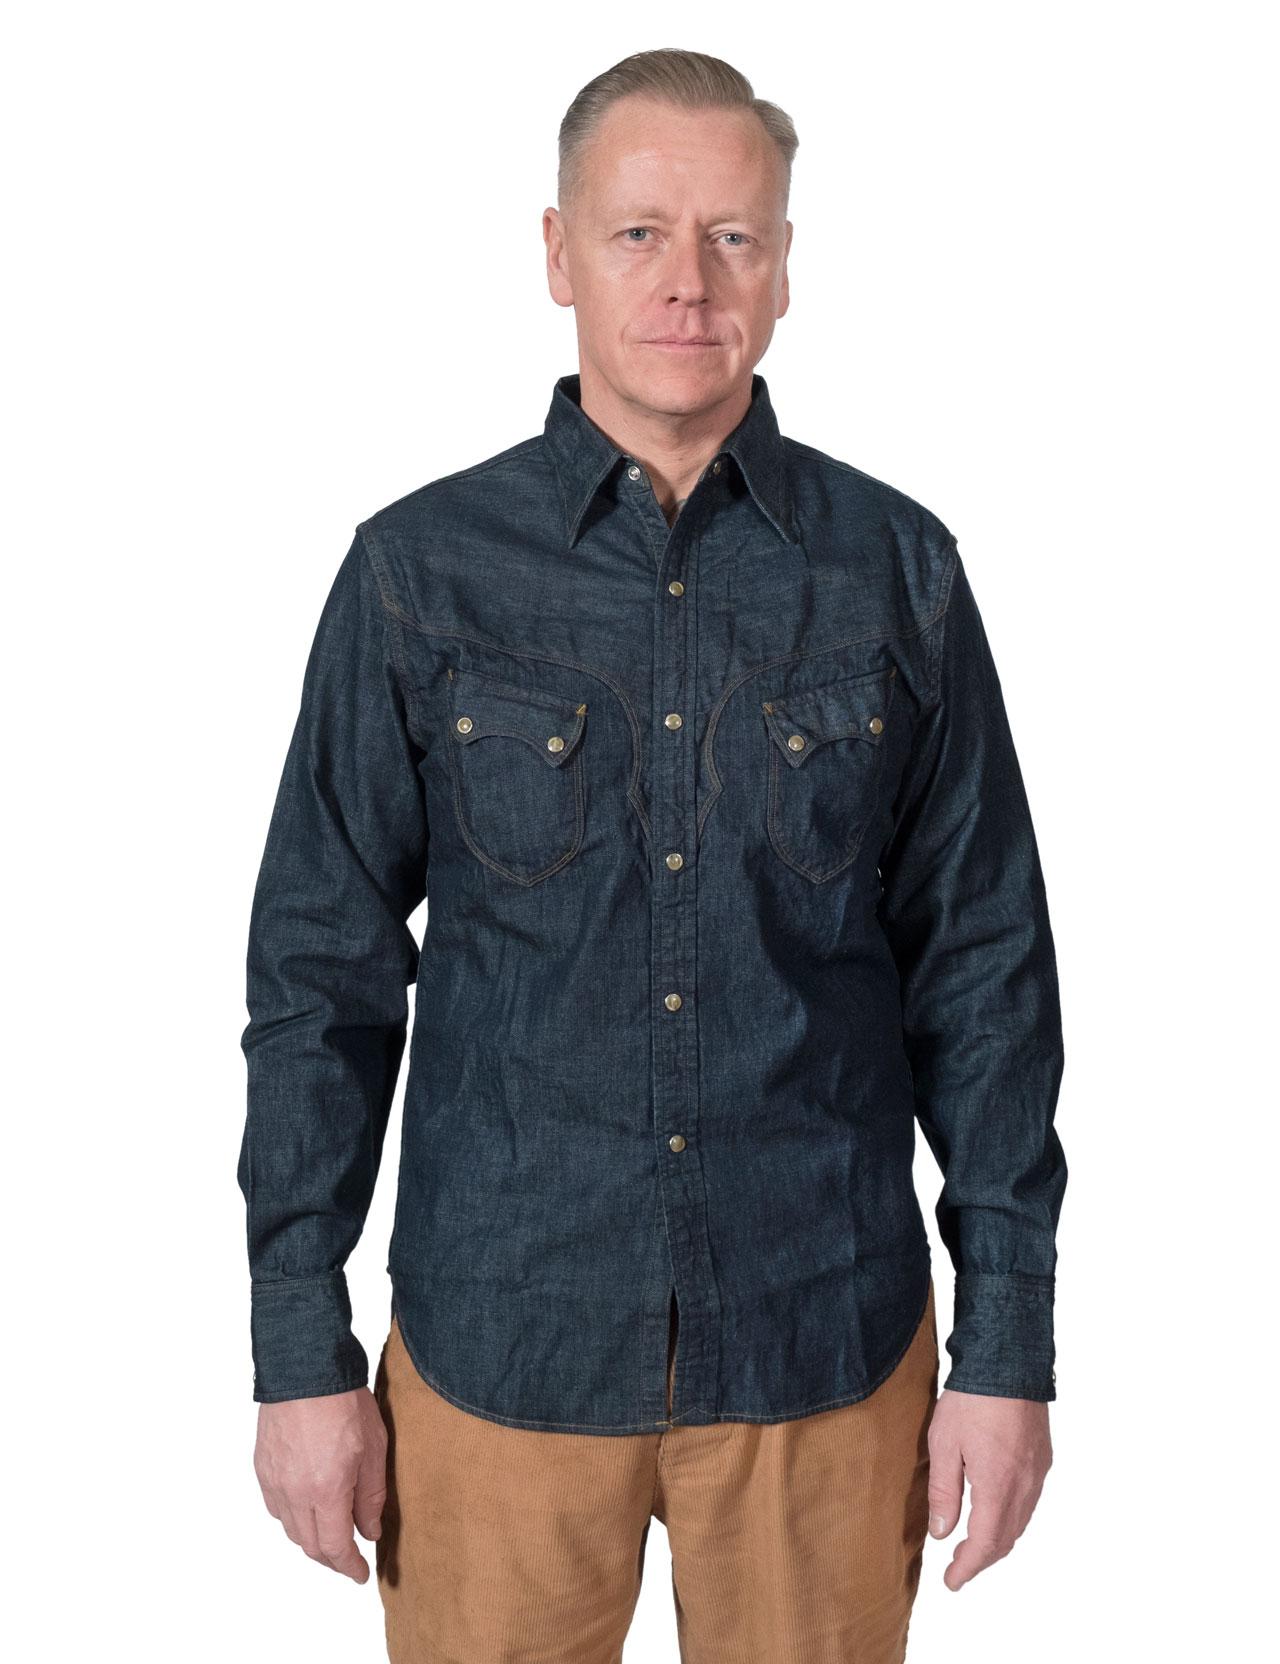 e72e102155 Stevenson Overall Co. - Cody Western Denim Shirt Indigo - 6.5oz